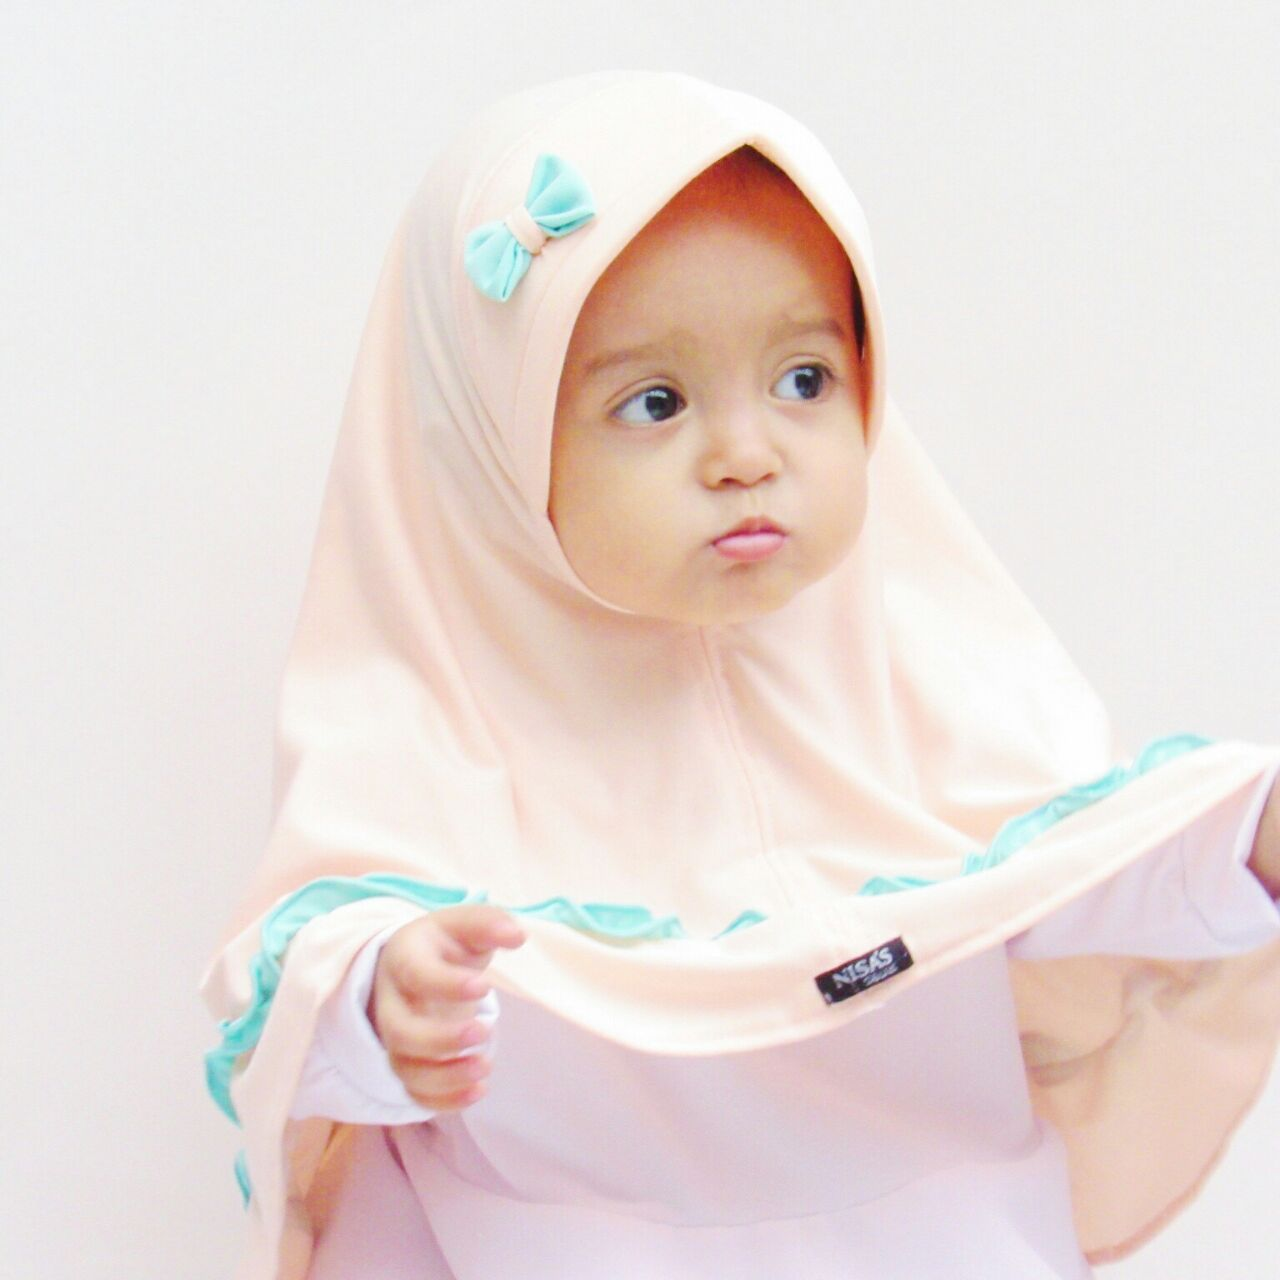 081224051465 Pusat Jilbab Anakpusat Jilbab Anak Kecilpusat